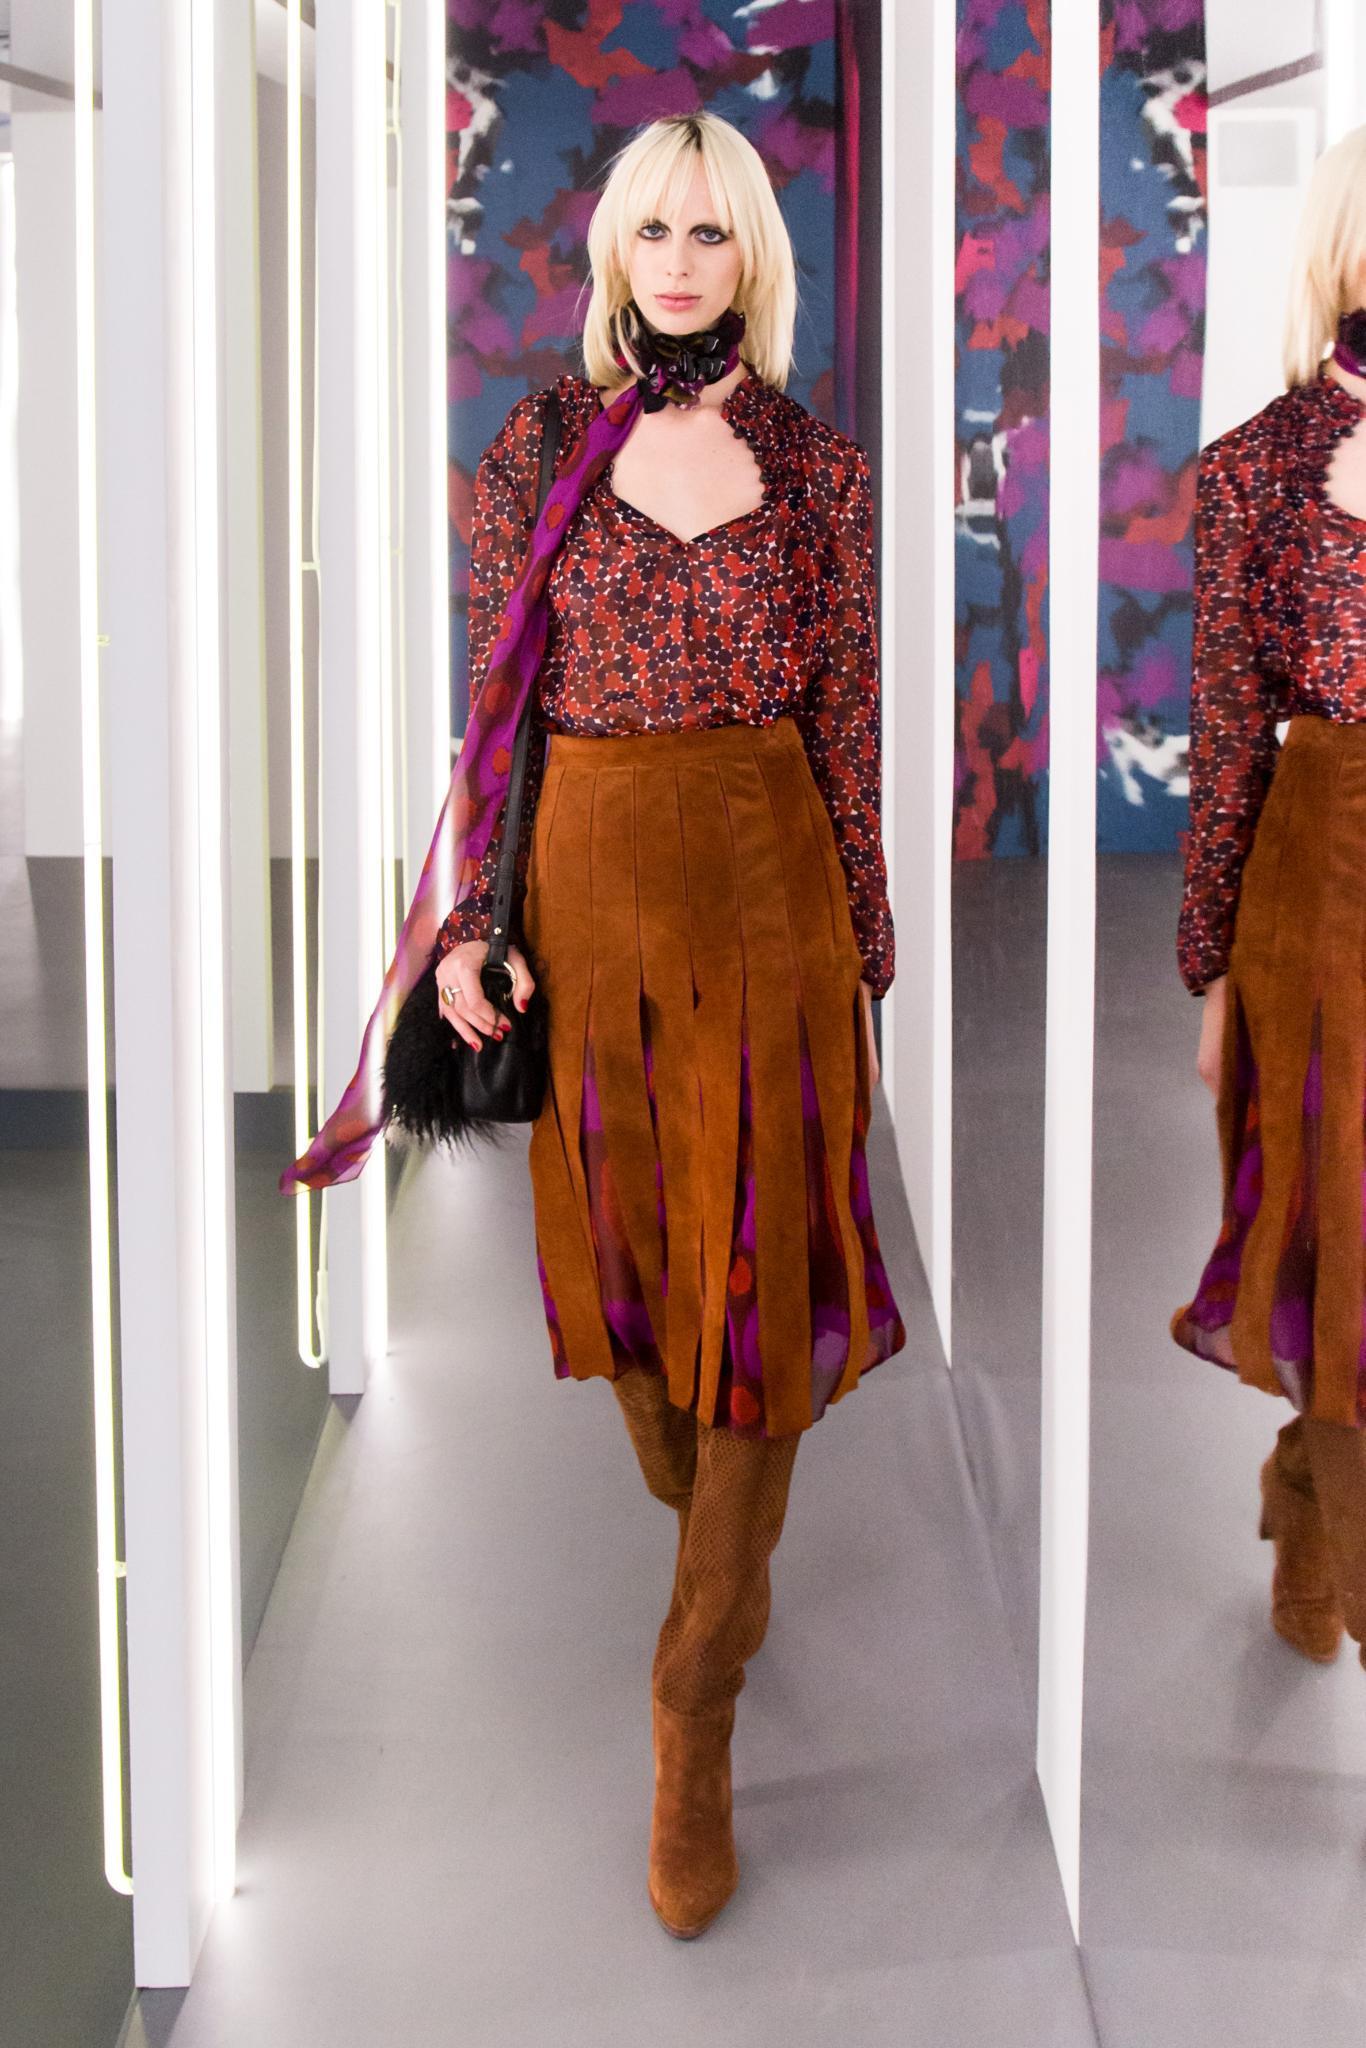 Mujer rubia platinada con raices oscuras, lleva el cabello lacio a la altura de los hombros con raya al medio